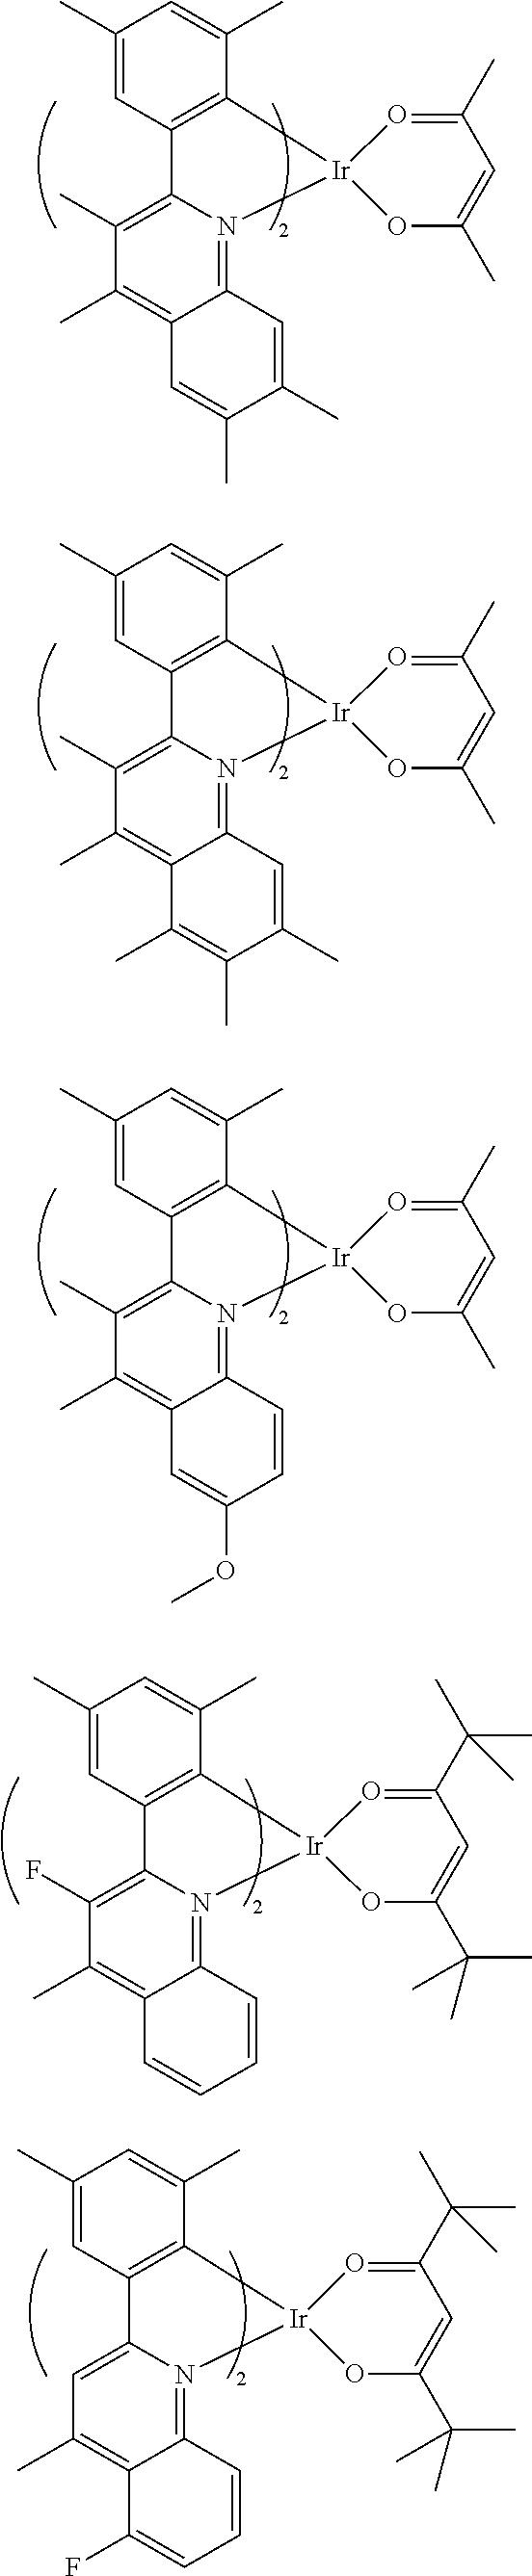 Figure US09324958-20160426-C00046